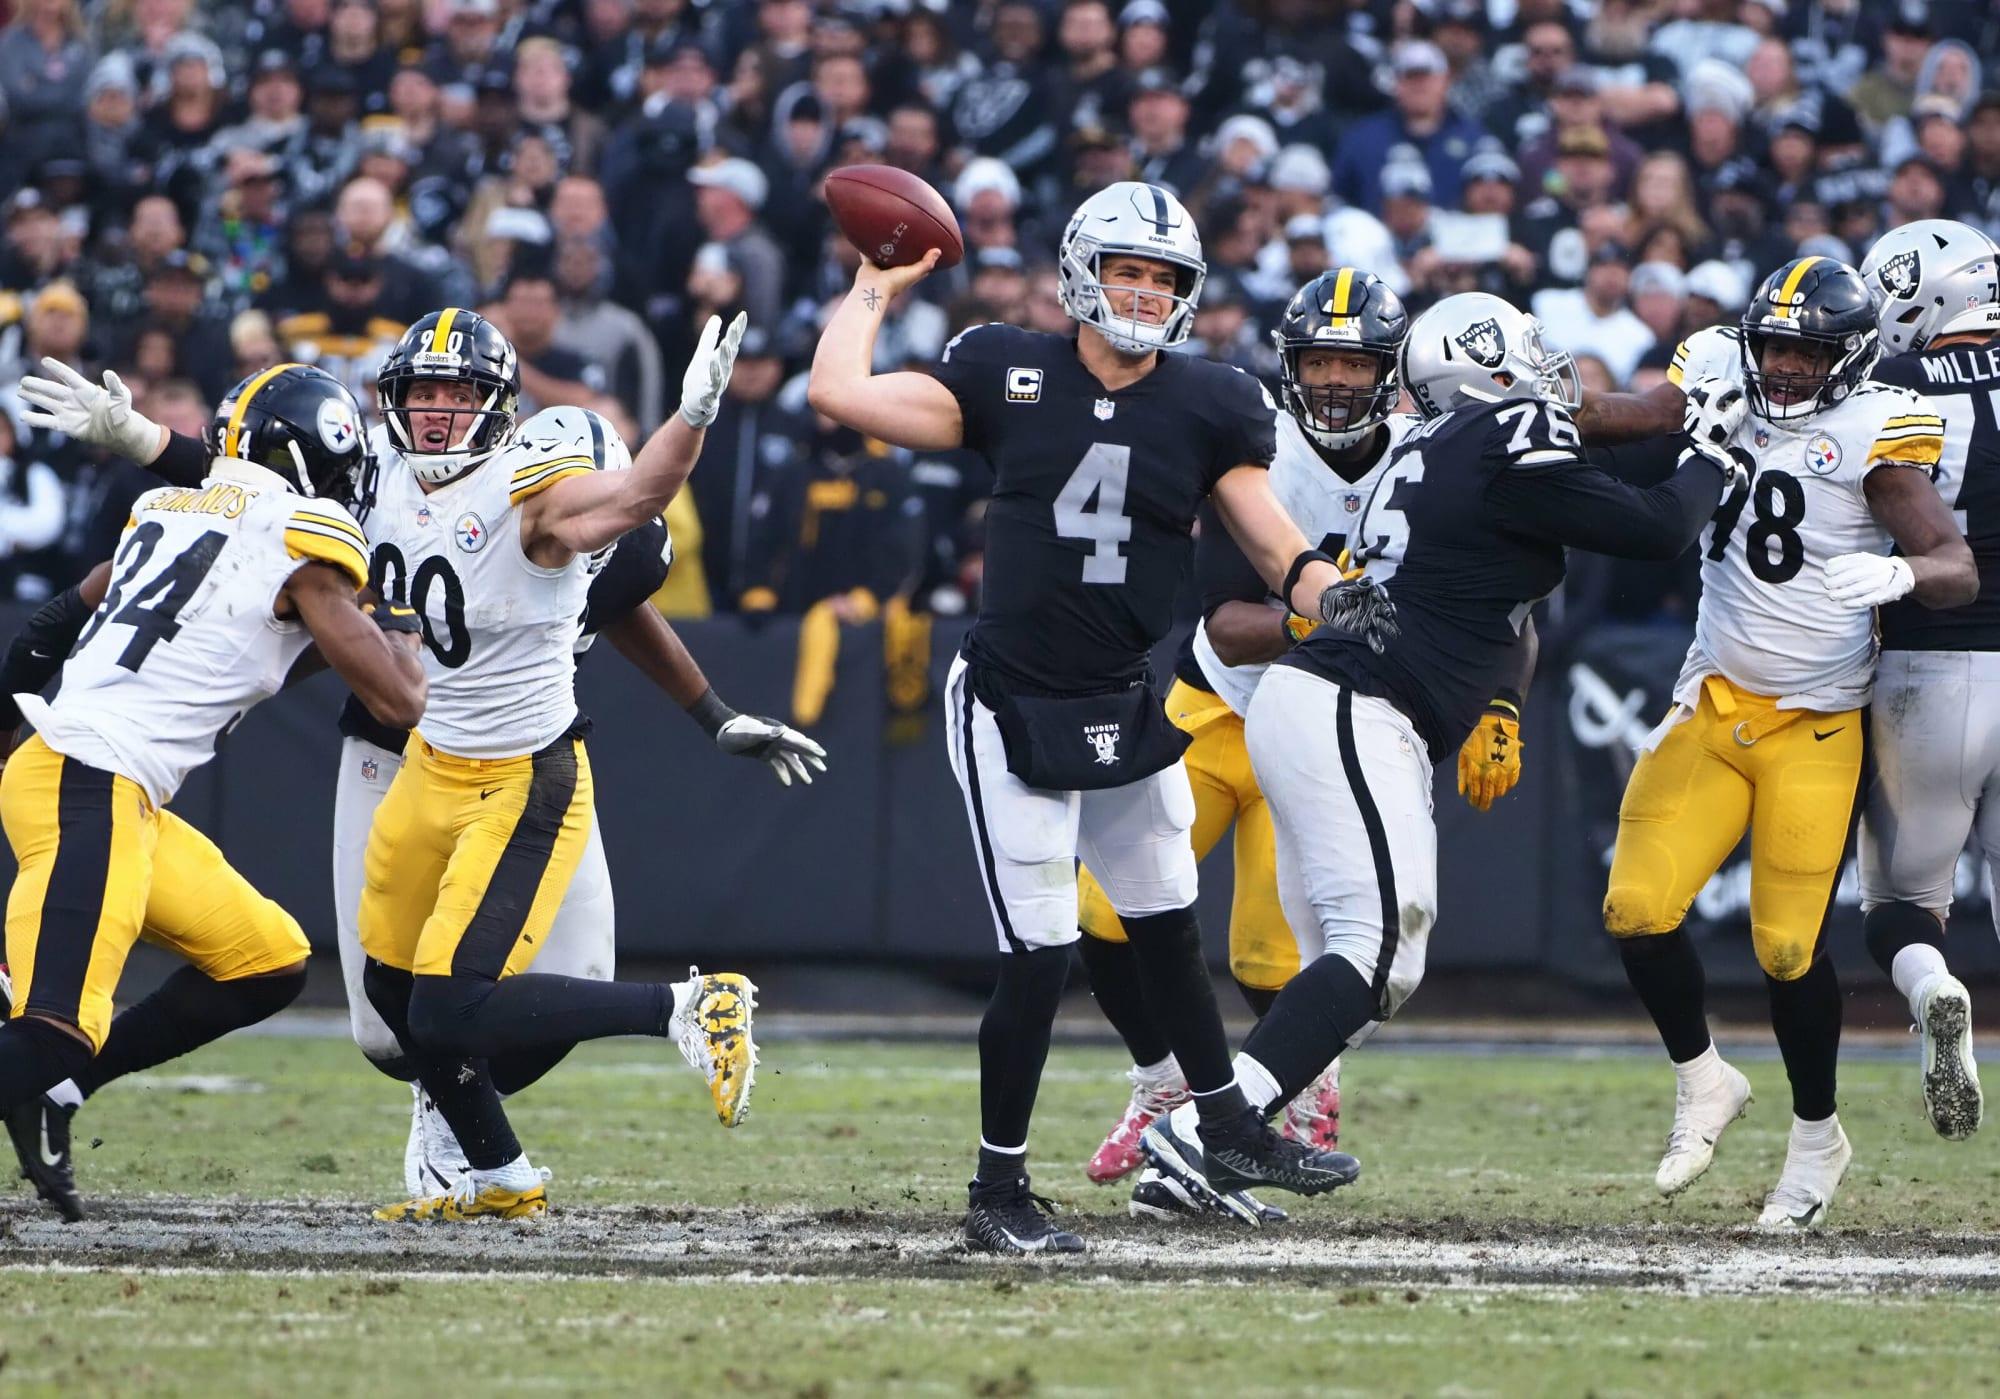 Las Vegas Raiders: Pittsburgh Steelers expert on the Week 2 matchup